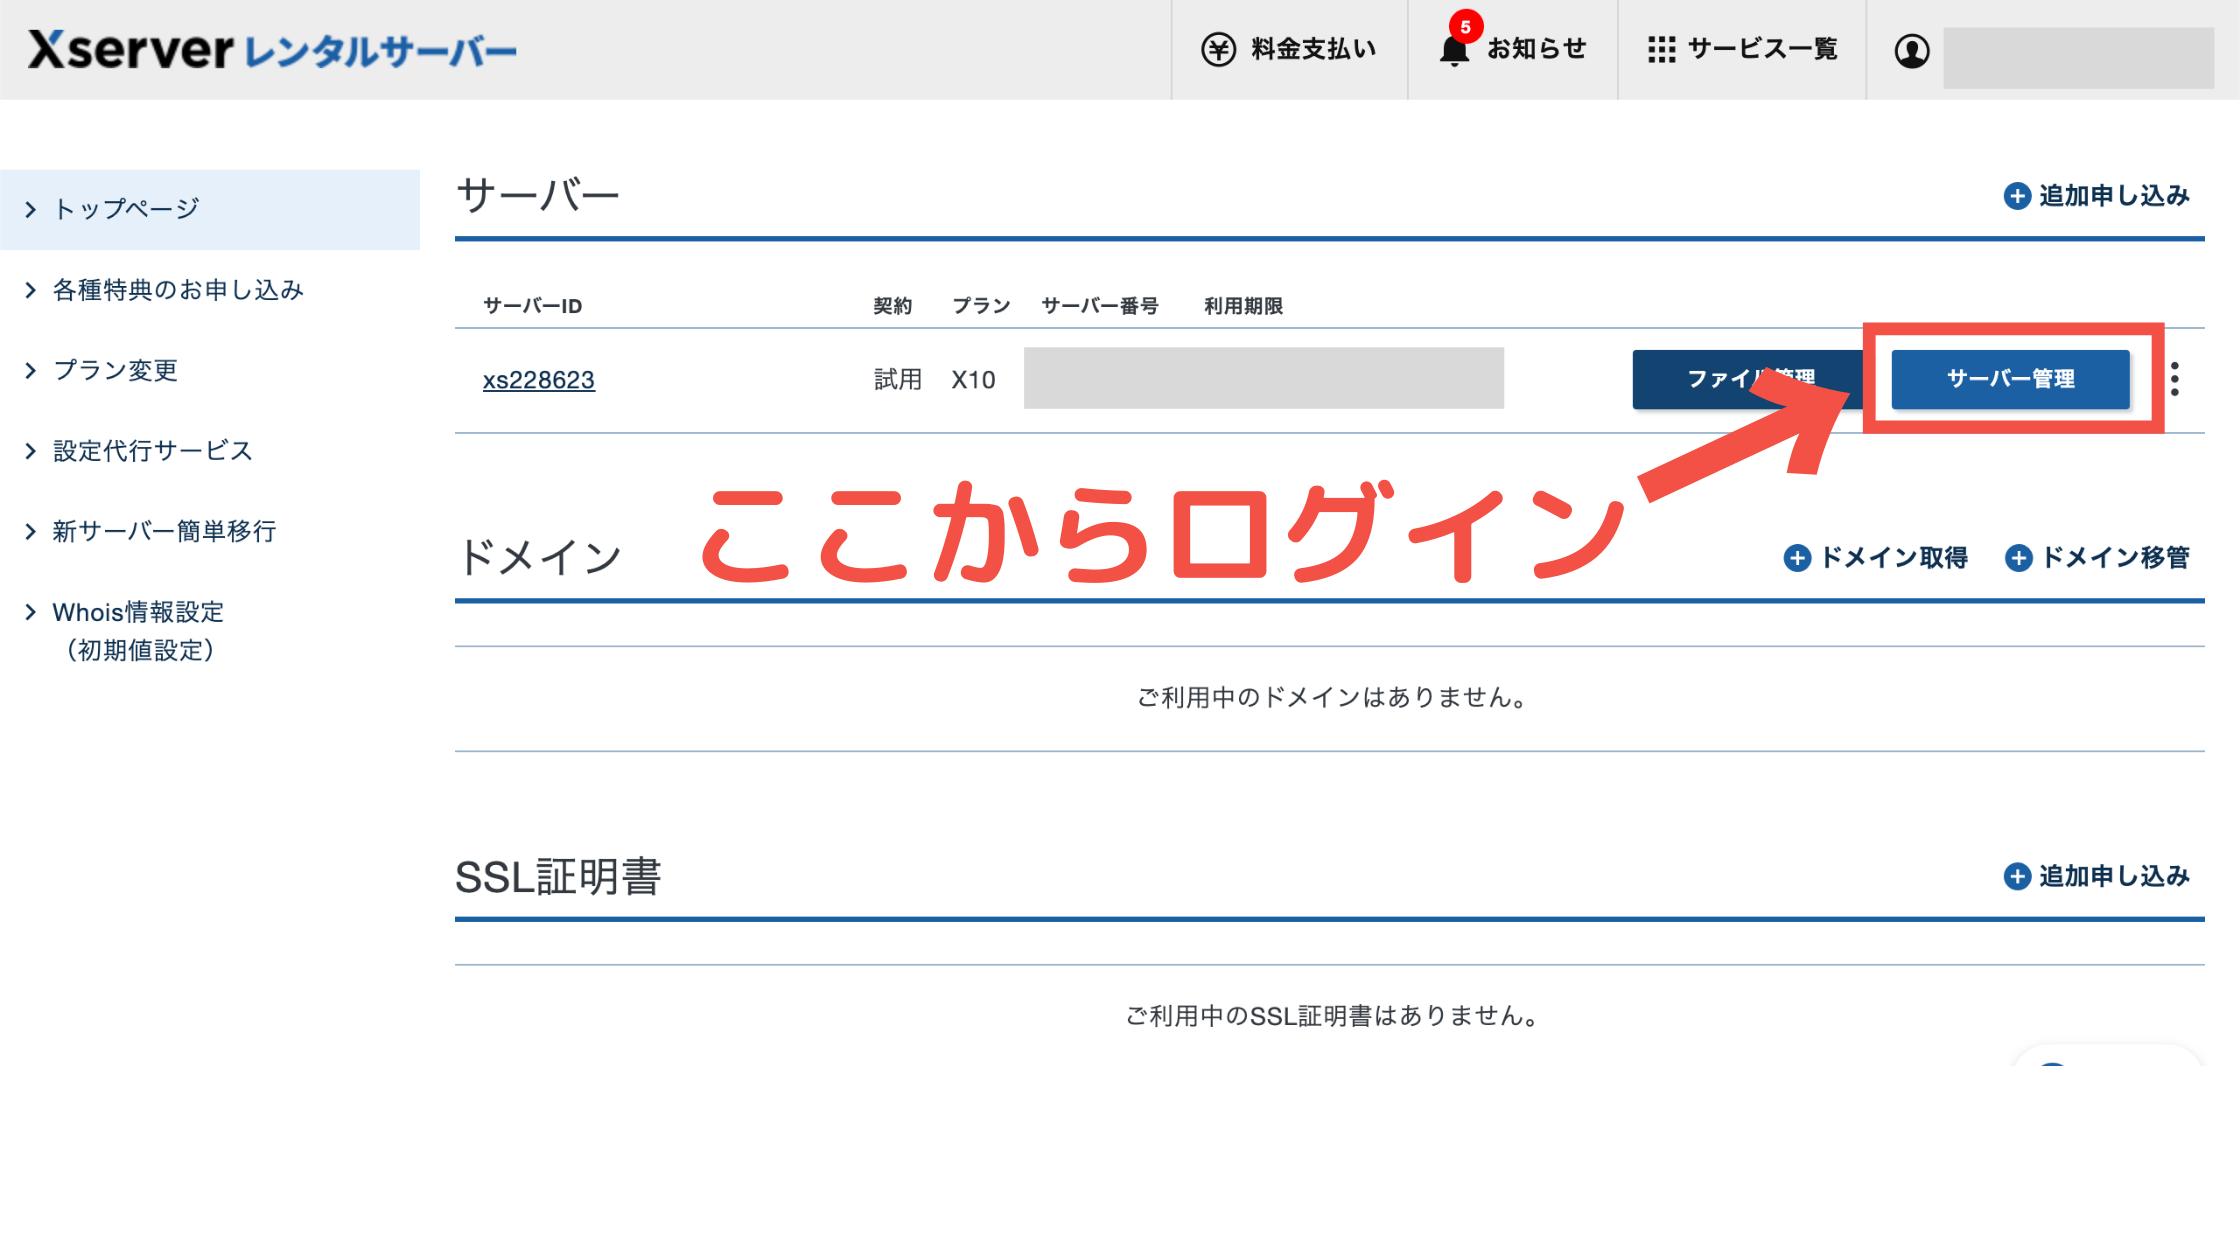 サーバー管理画面の「サーバー管理」からログインする